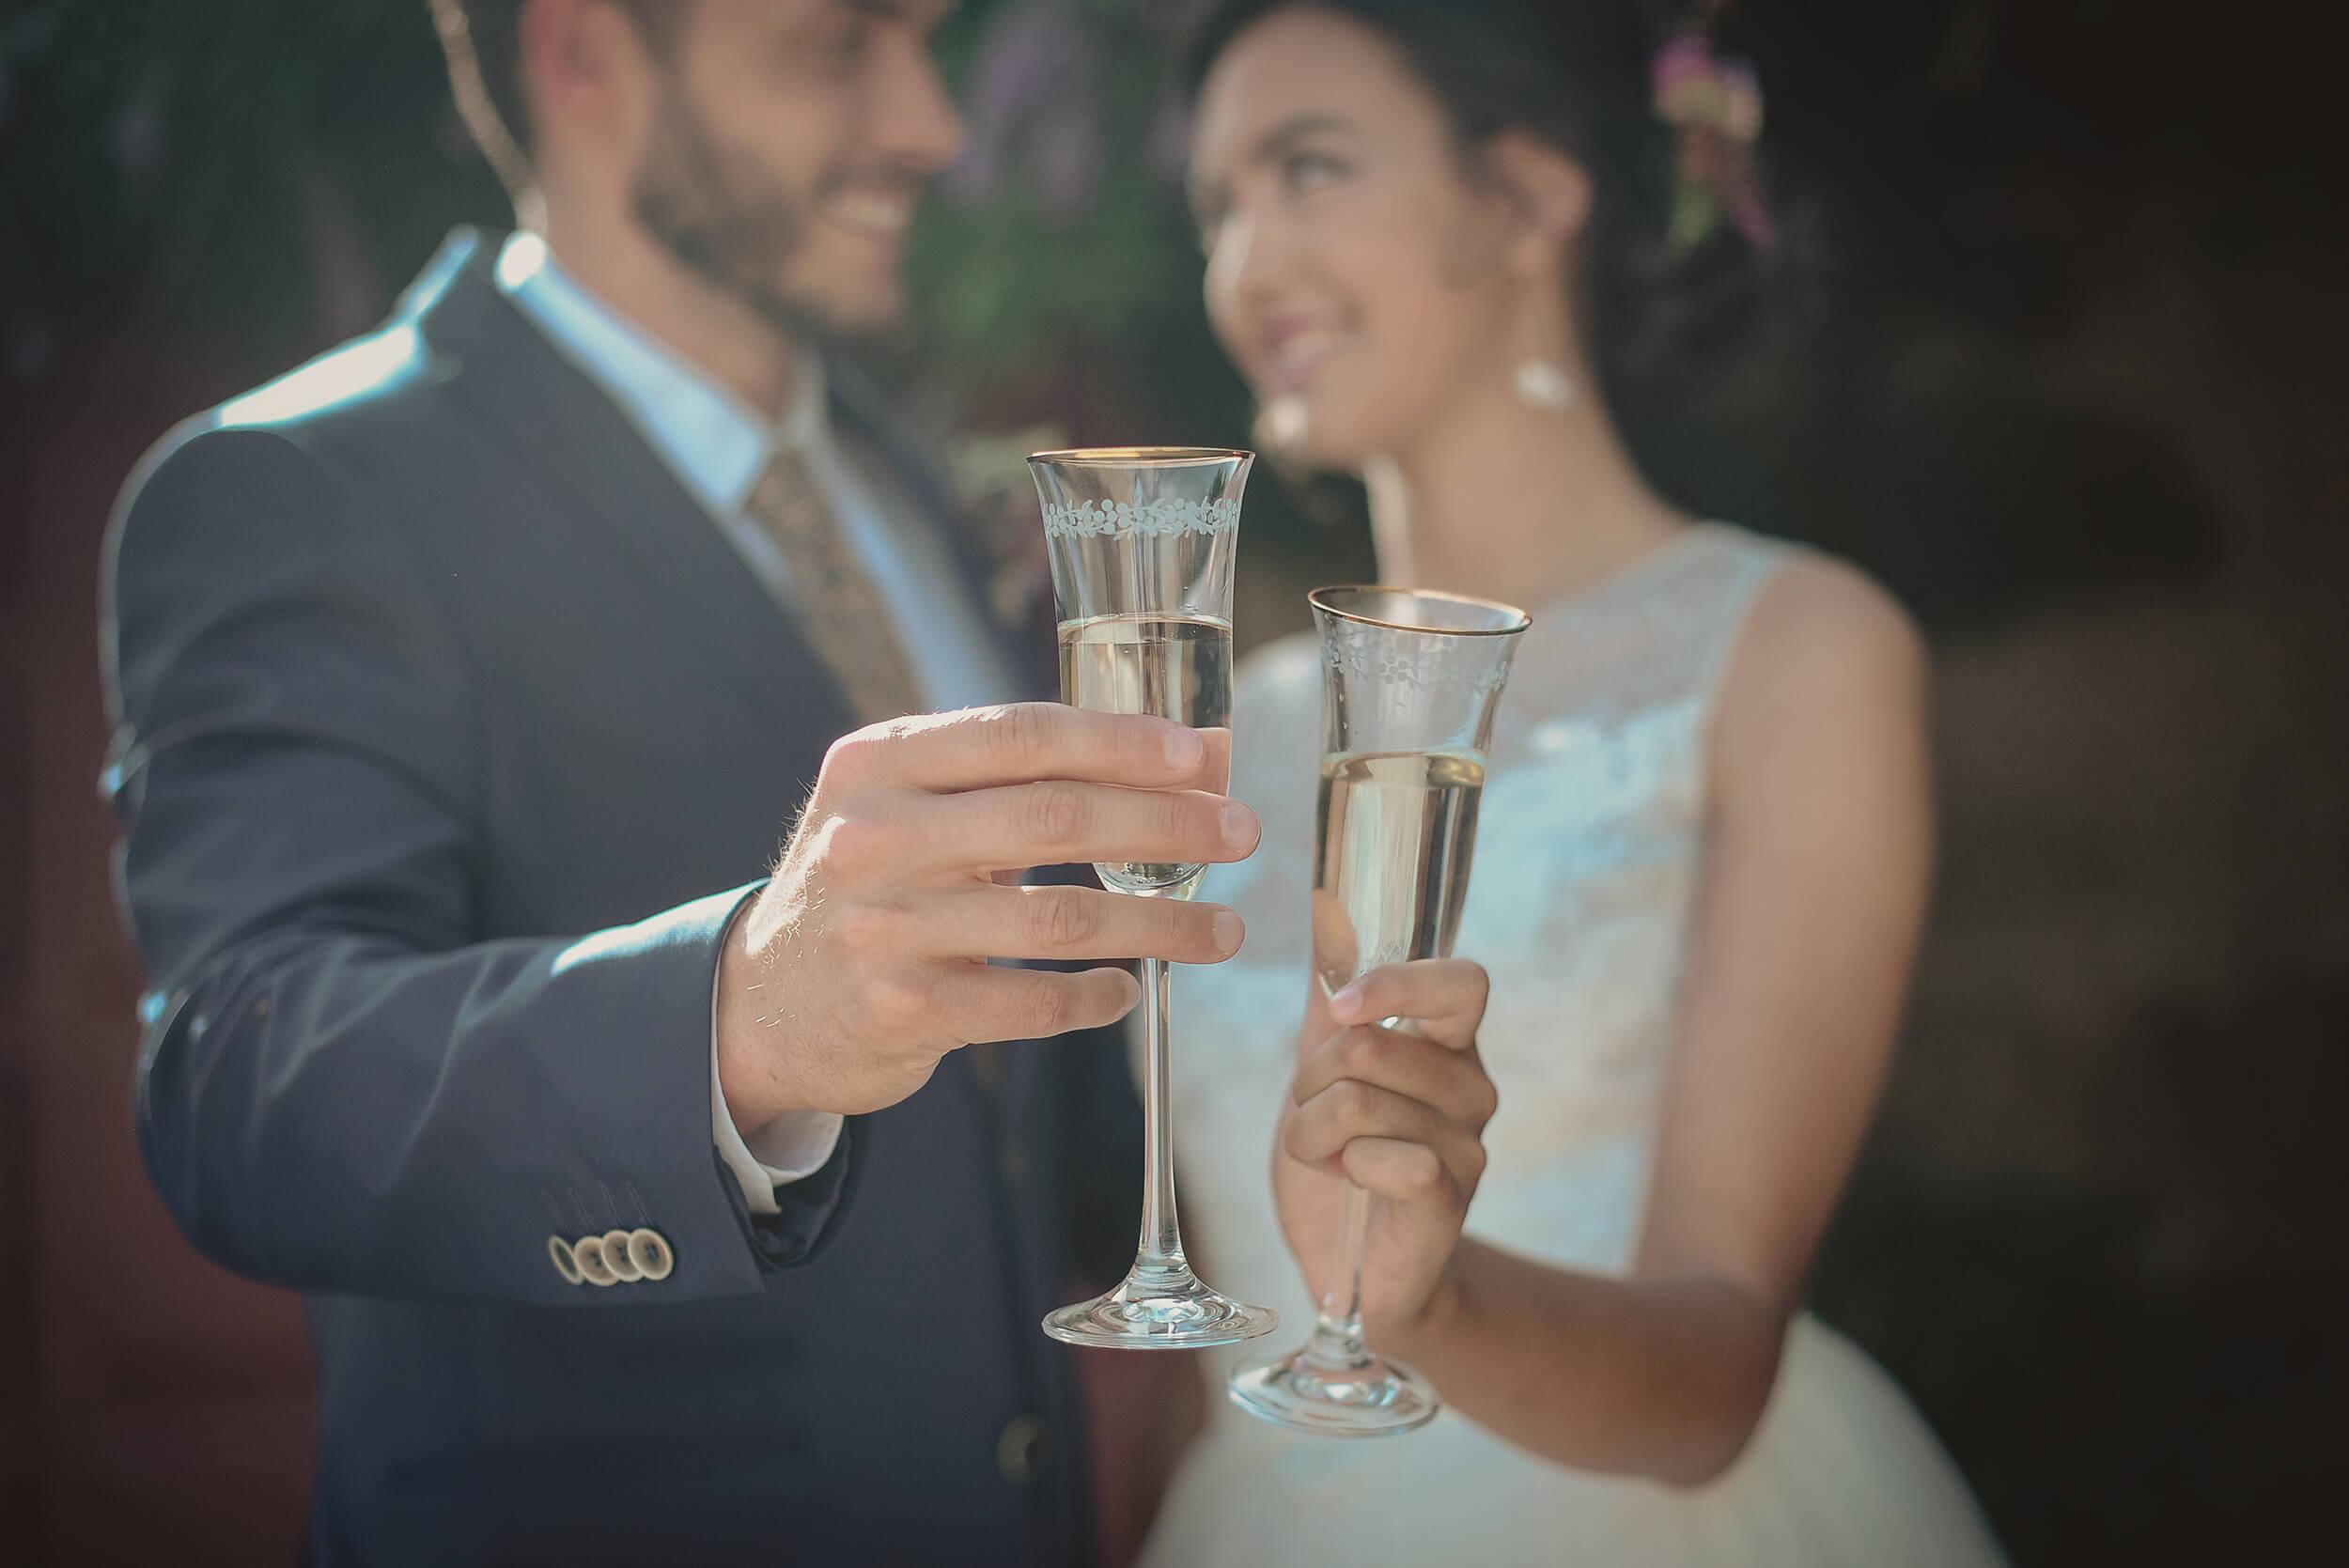 roma-organizacao-eventos-editorial-casamento-colorful-wedding-7